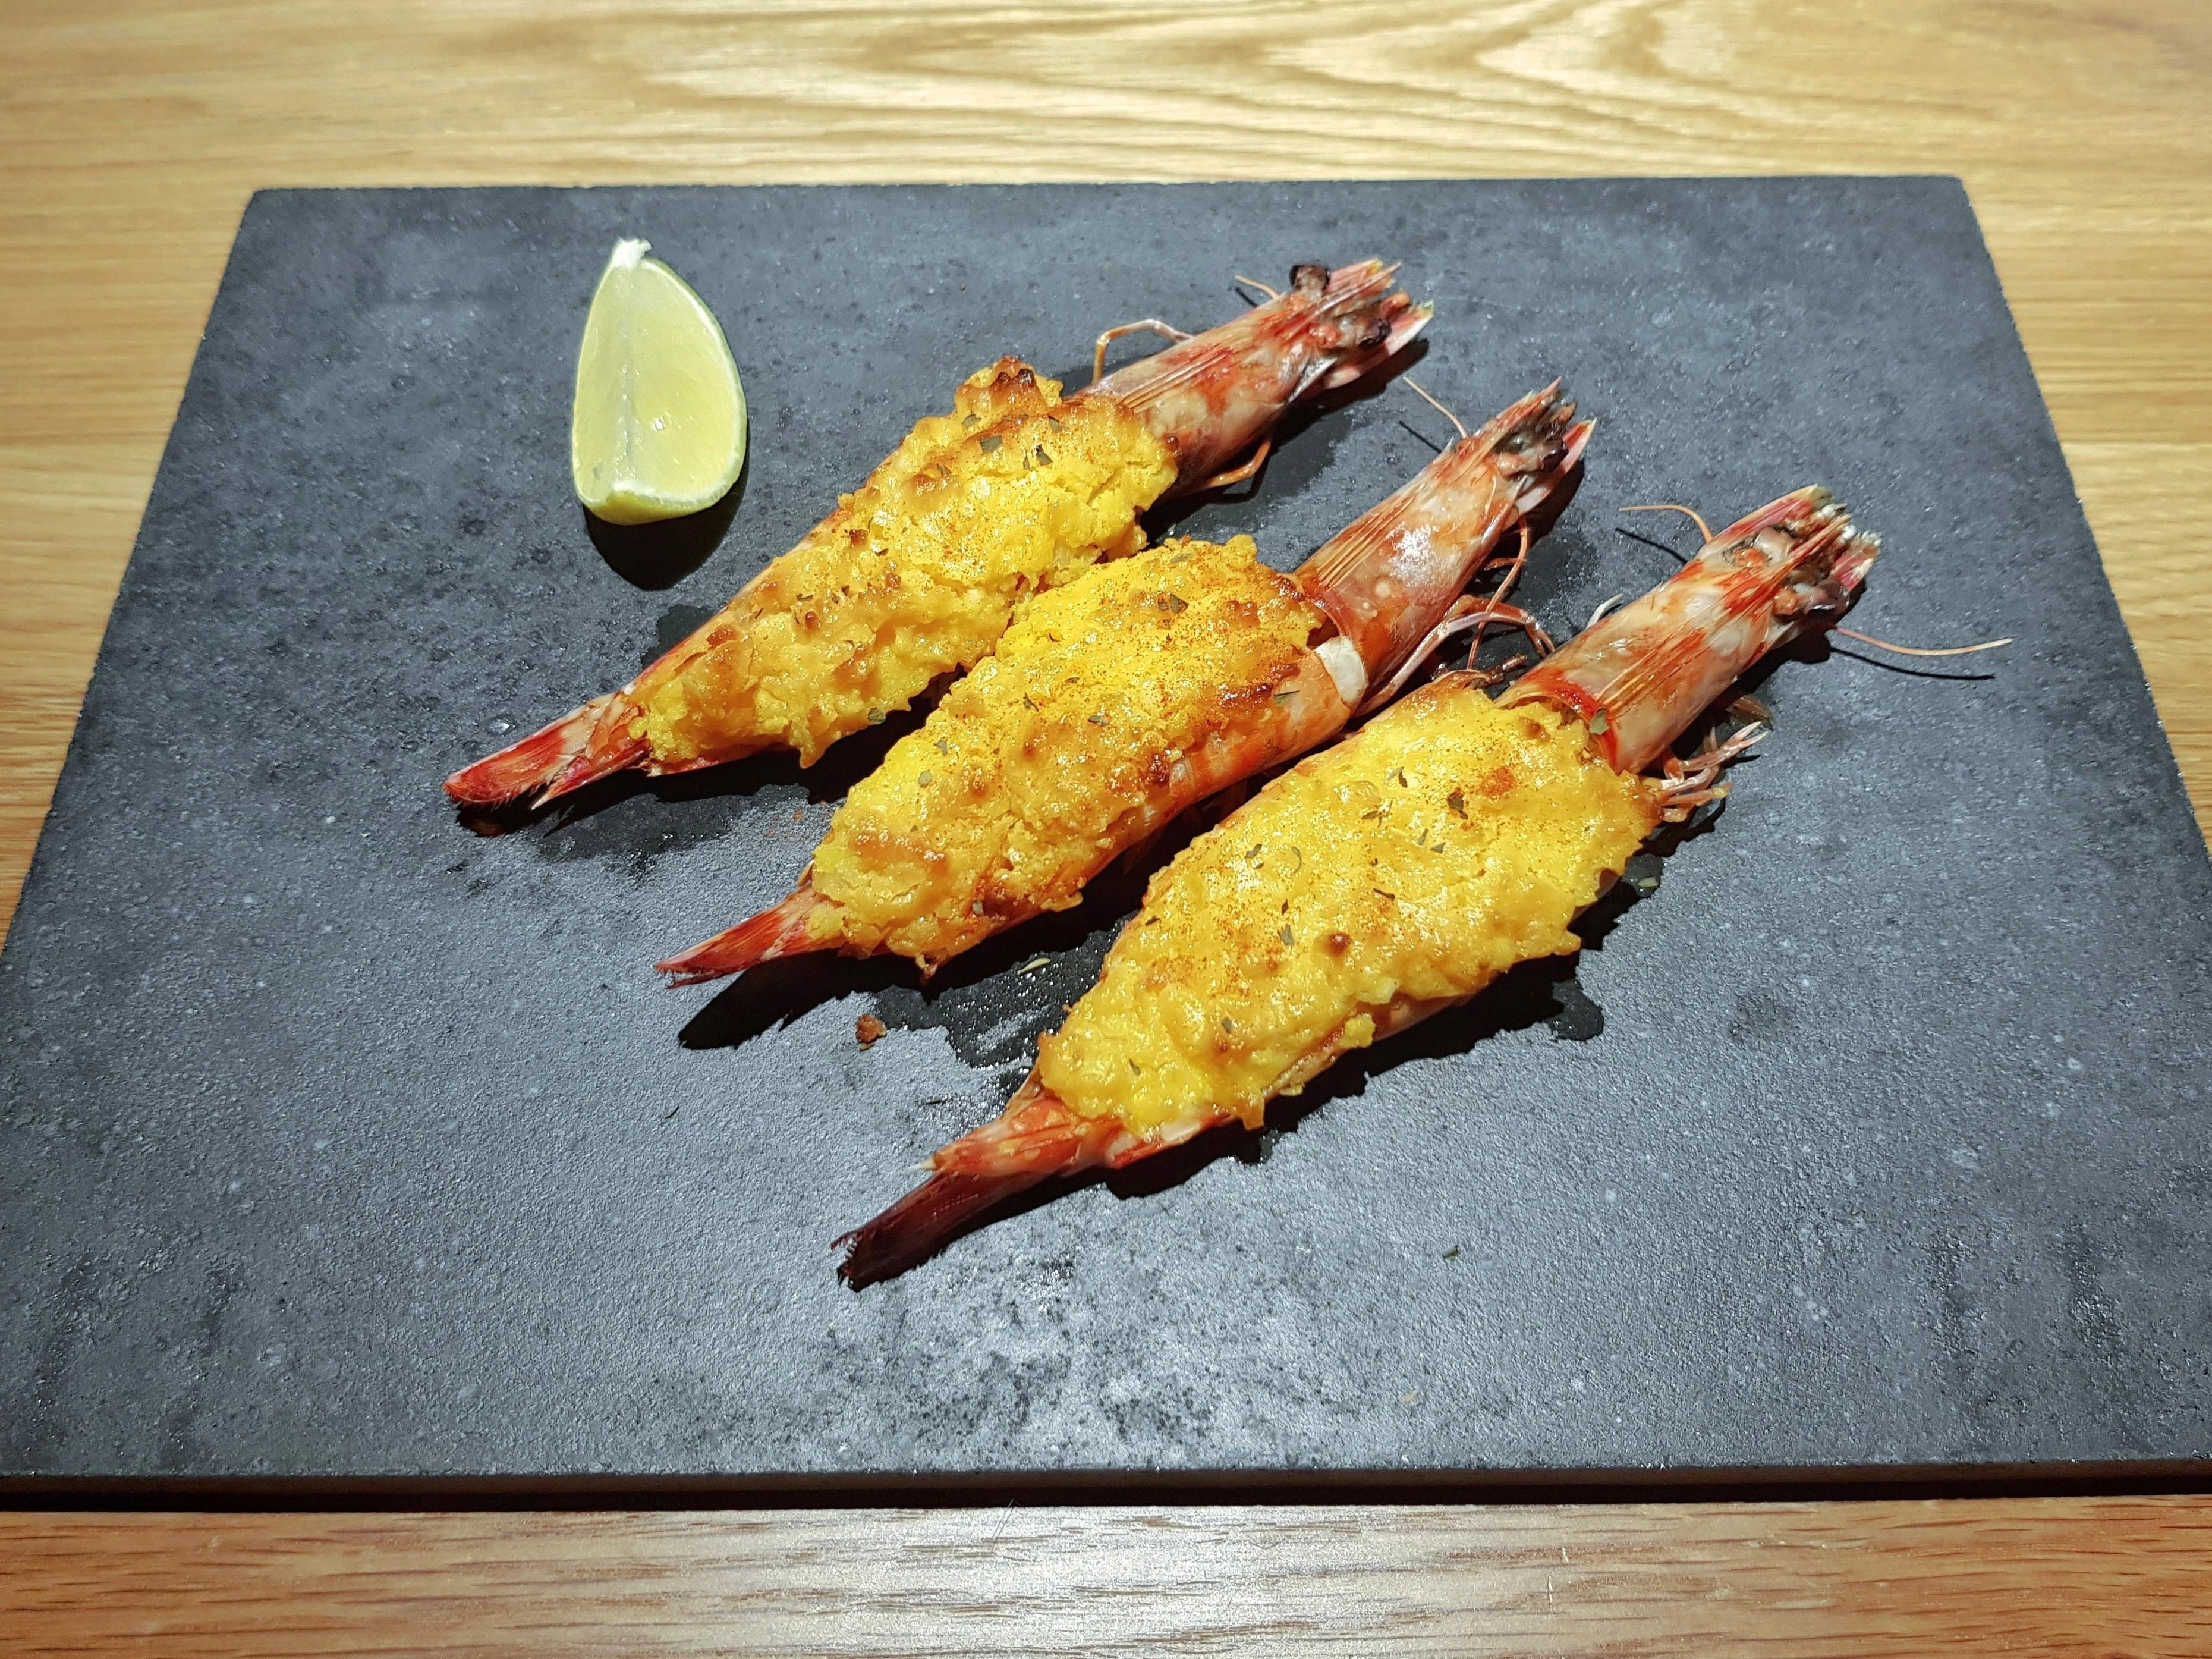 金沙蒜醬焗烤明蝦 (澎湖野生大明蝦)